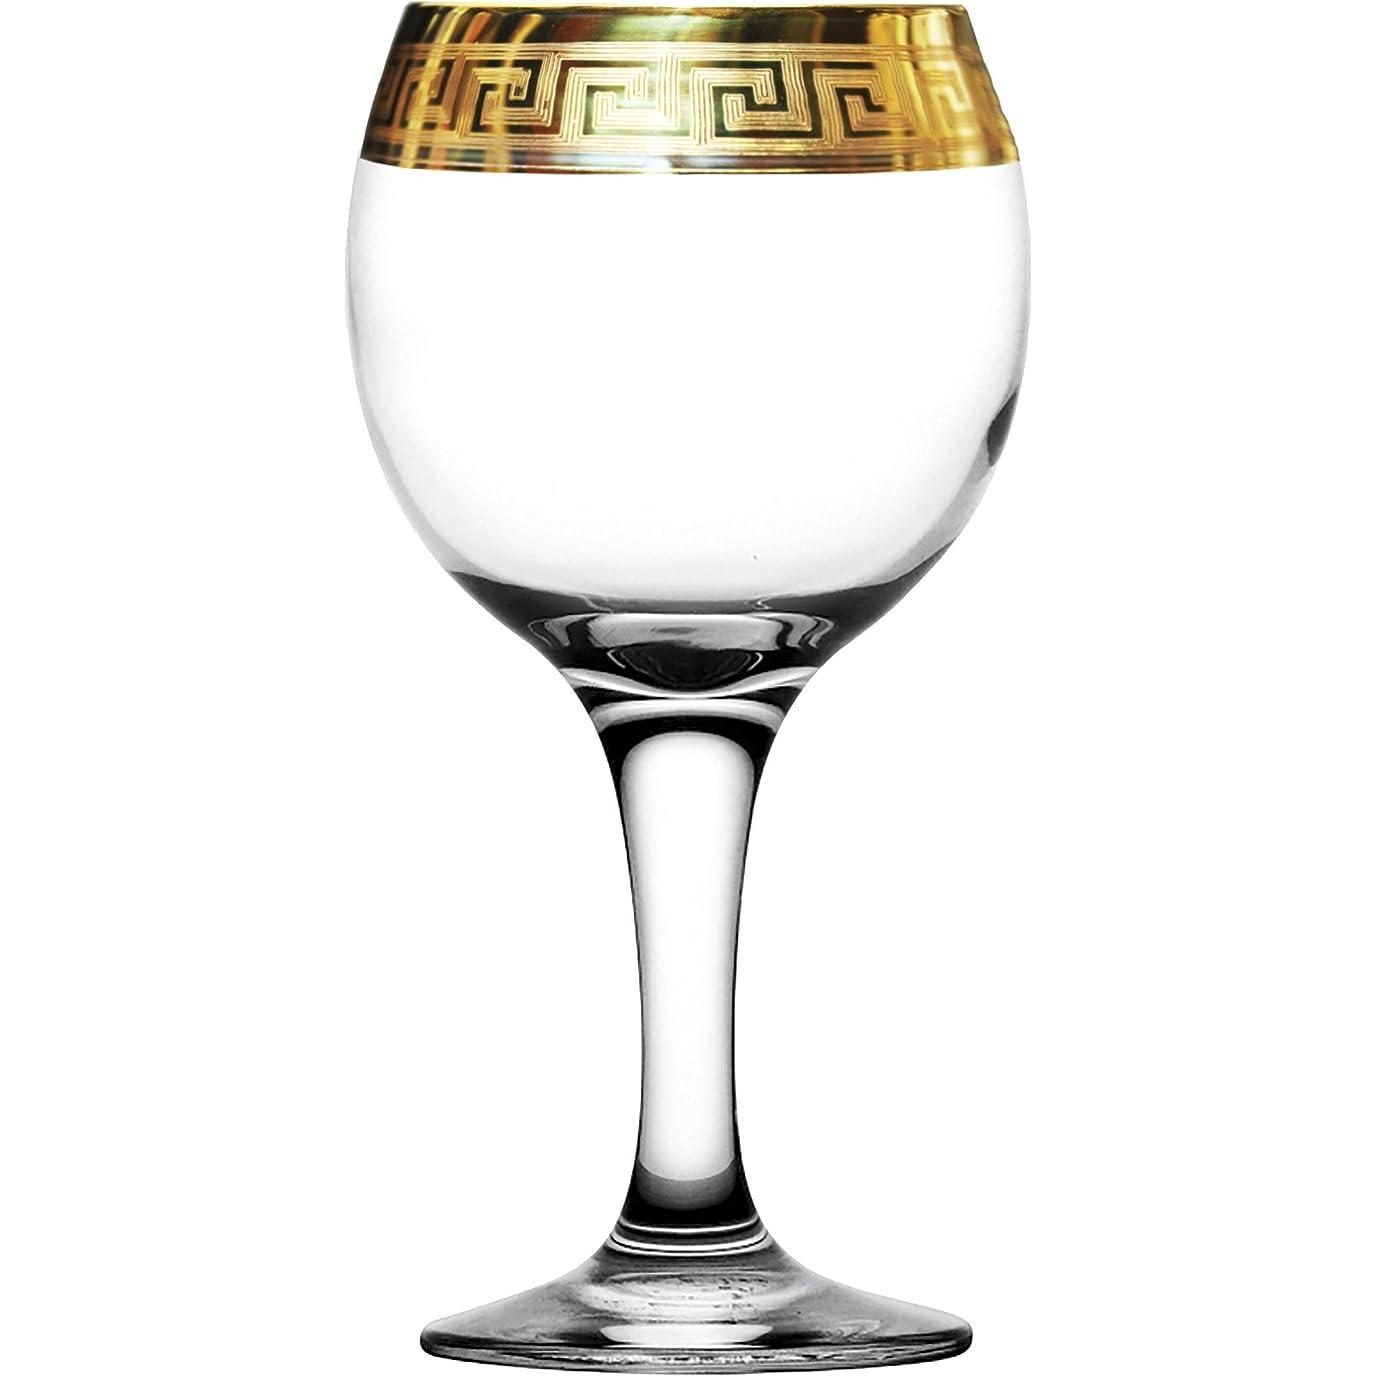 シンプルさ入力メタルラインクリスタルガラスワイングラス8オンス。/250ml。ゴールドメッキセットの6レッド、ホワイト、シャンパン、水Glasses Engravedヴィンテージギリシャデザインクラシックステムゴブレット